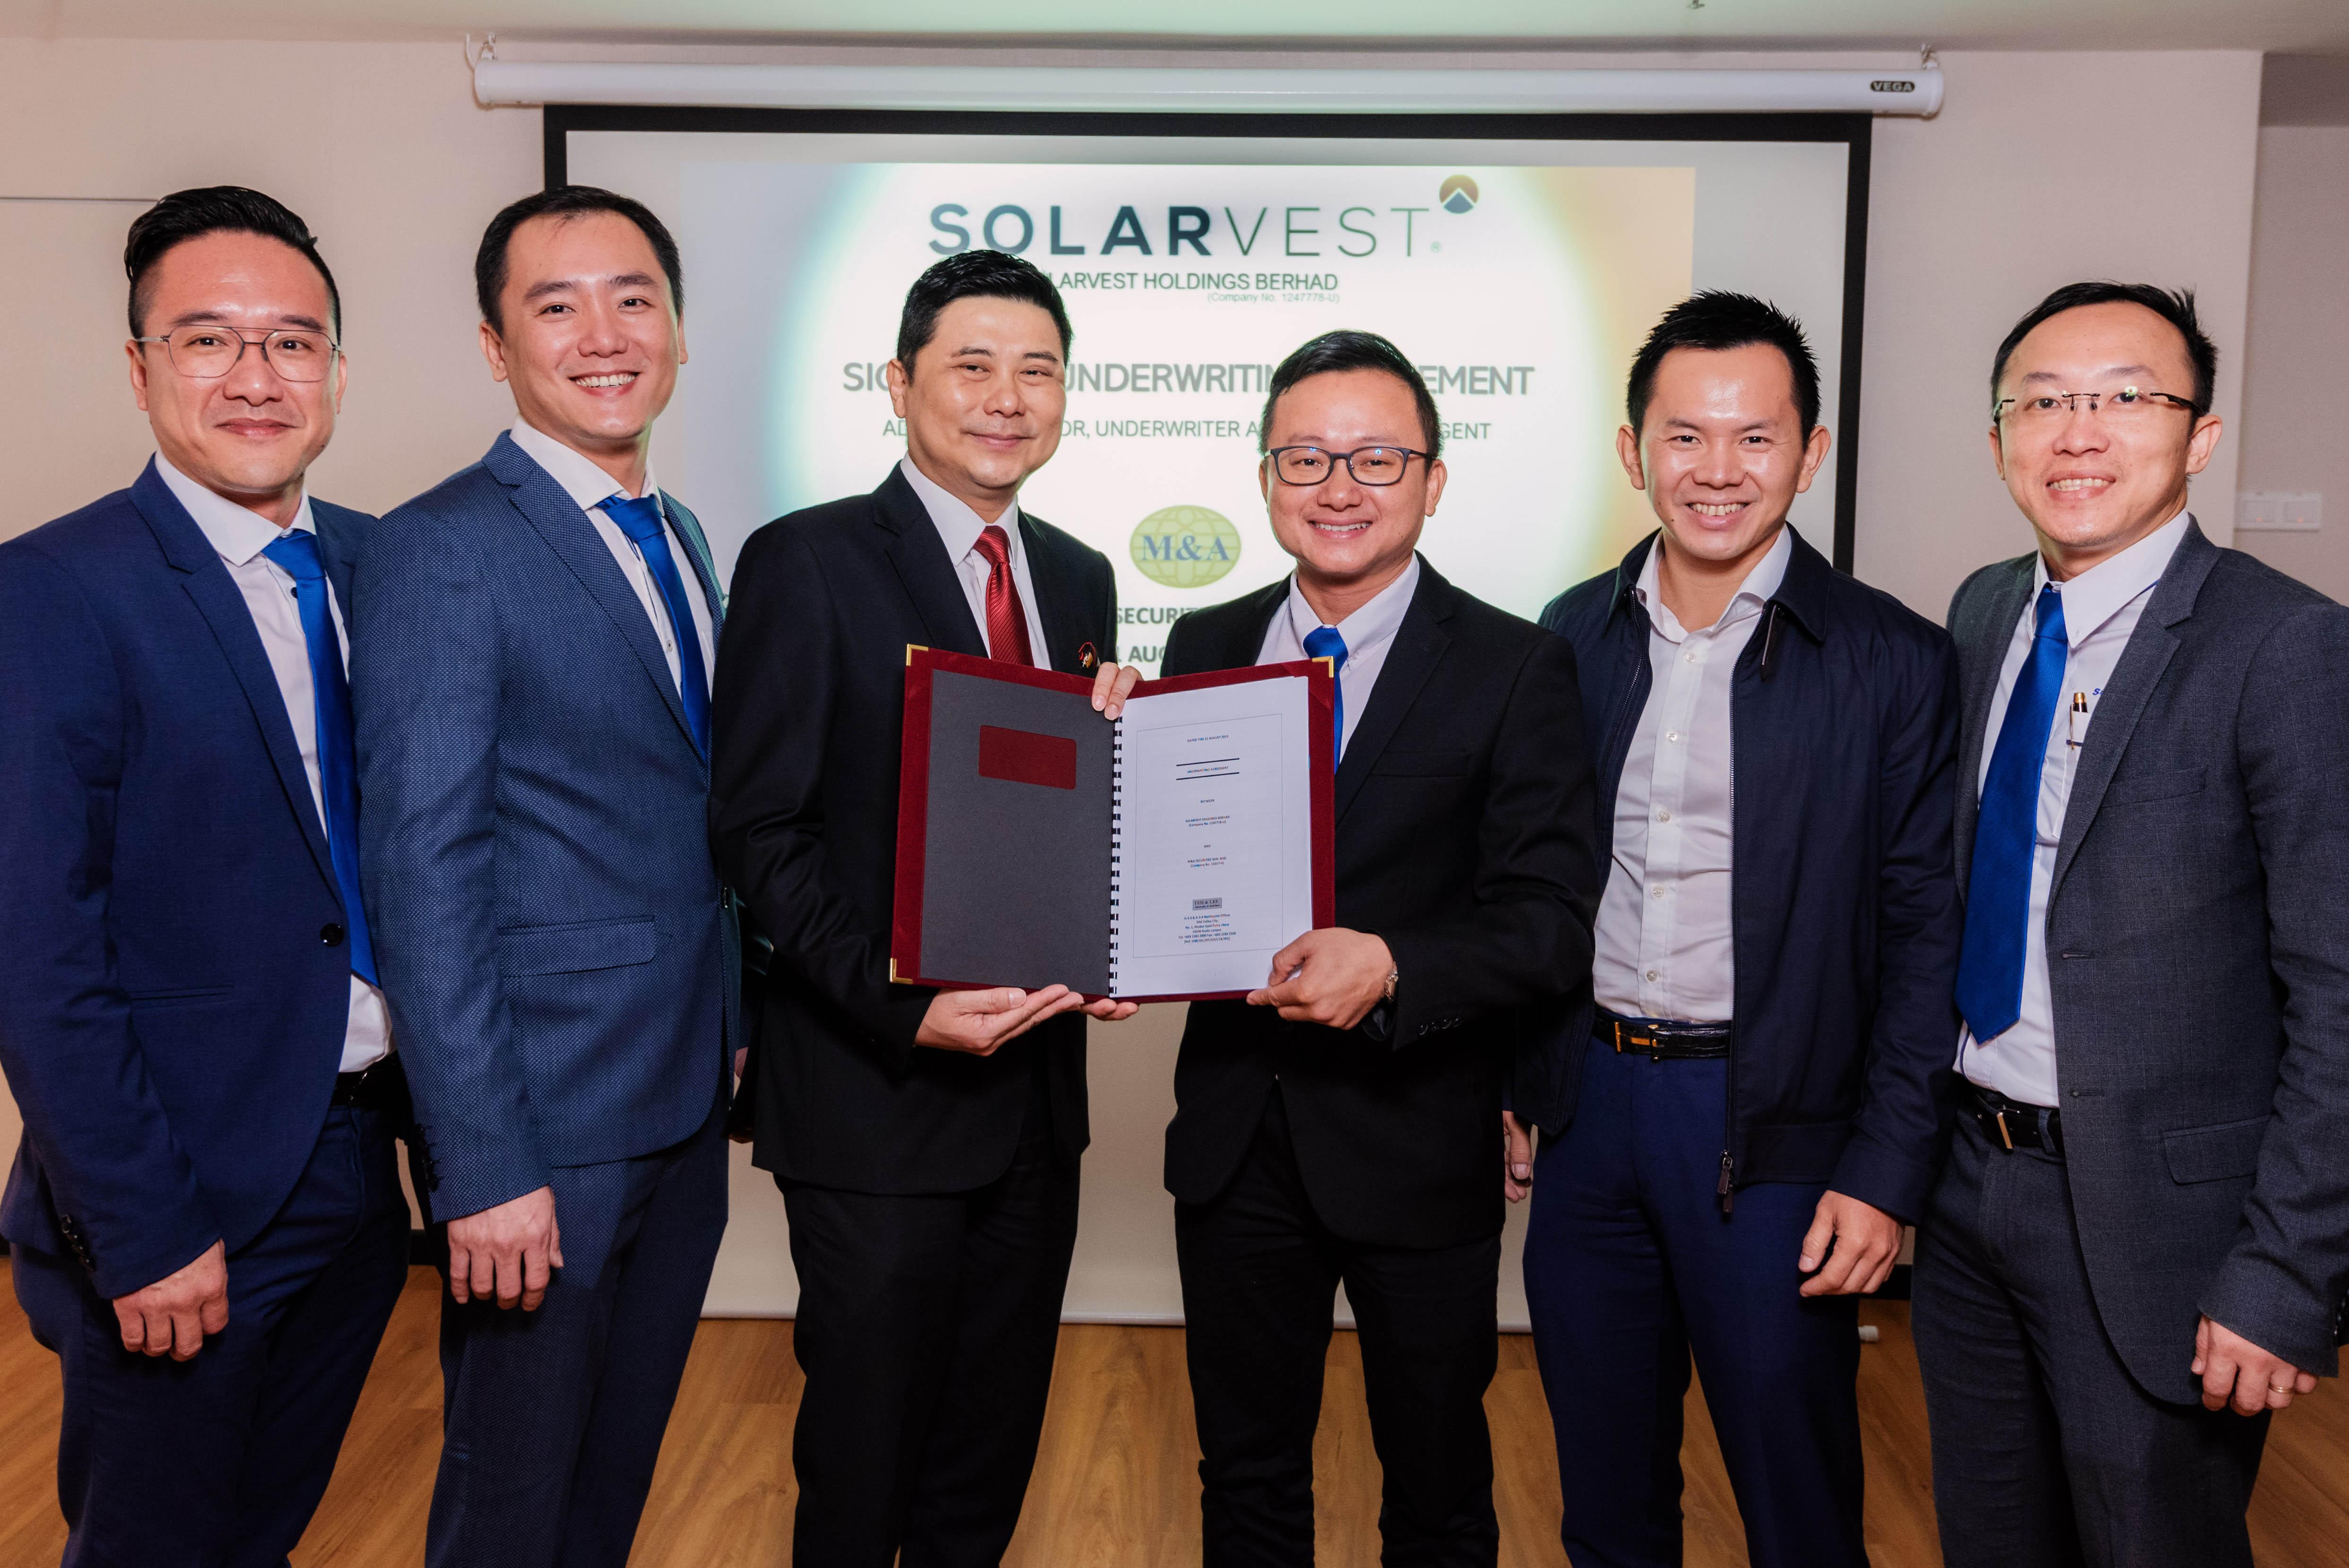 Solarvest与M&A证券签署IPO包销协议